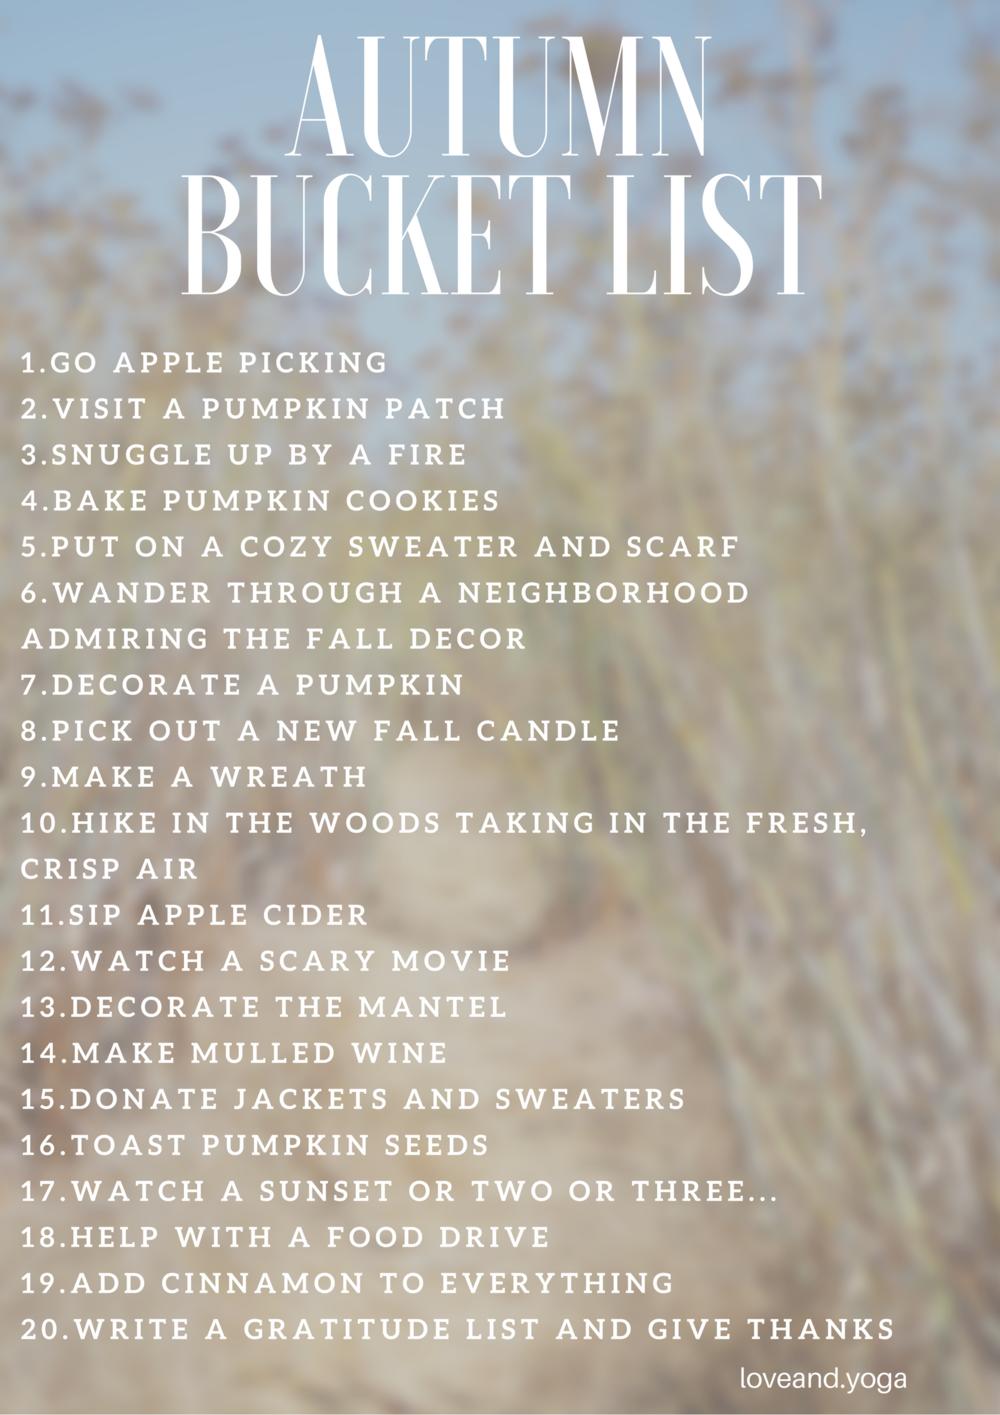 the autumn bucket list